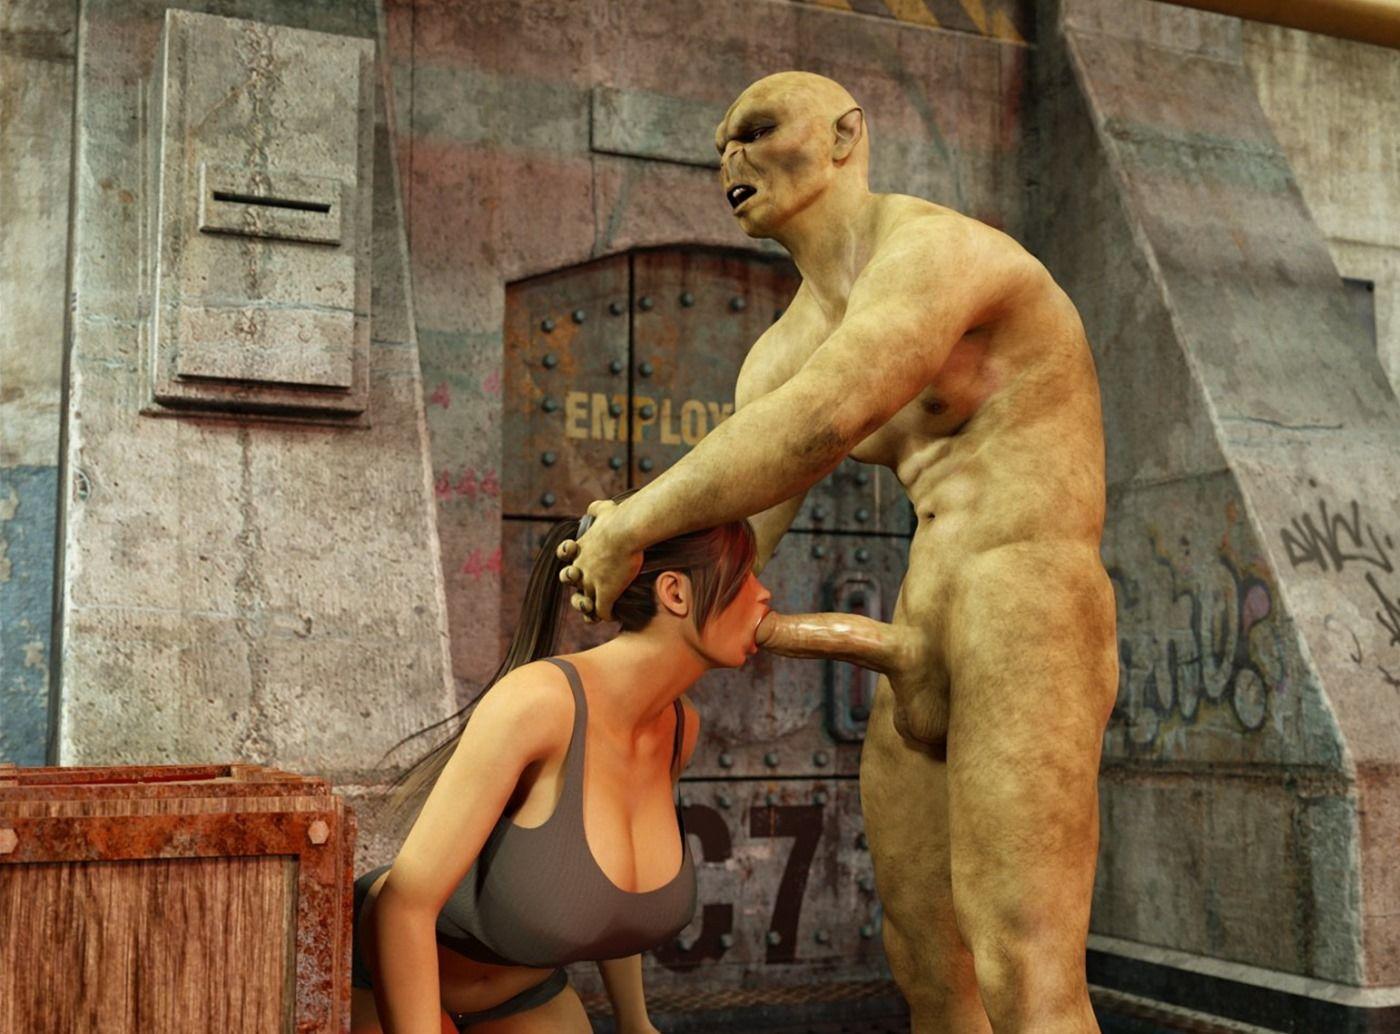 Goblins torture sexy woman xxx pornstars